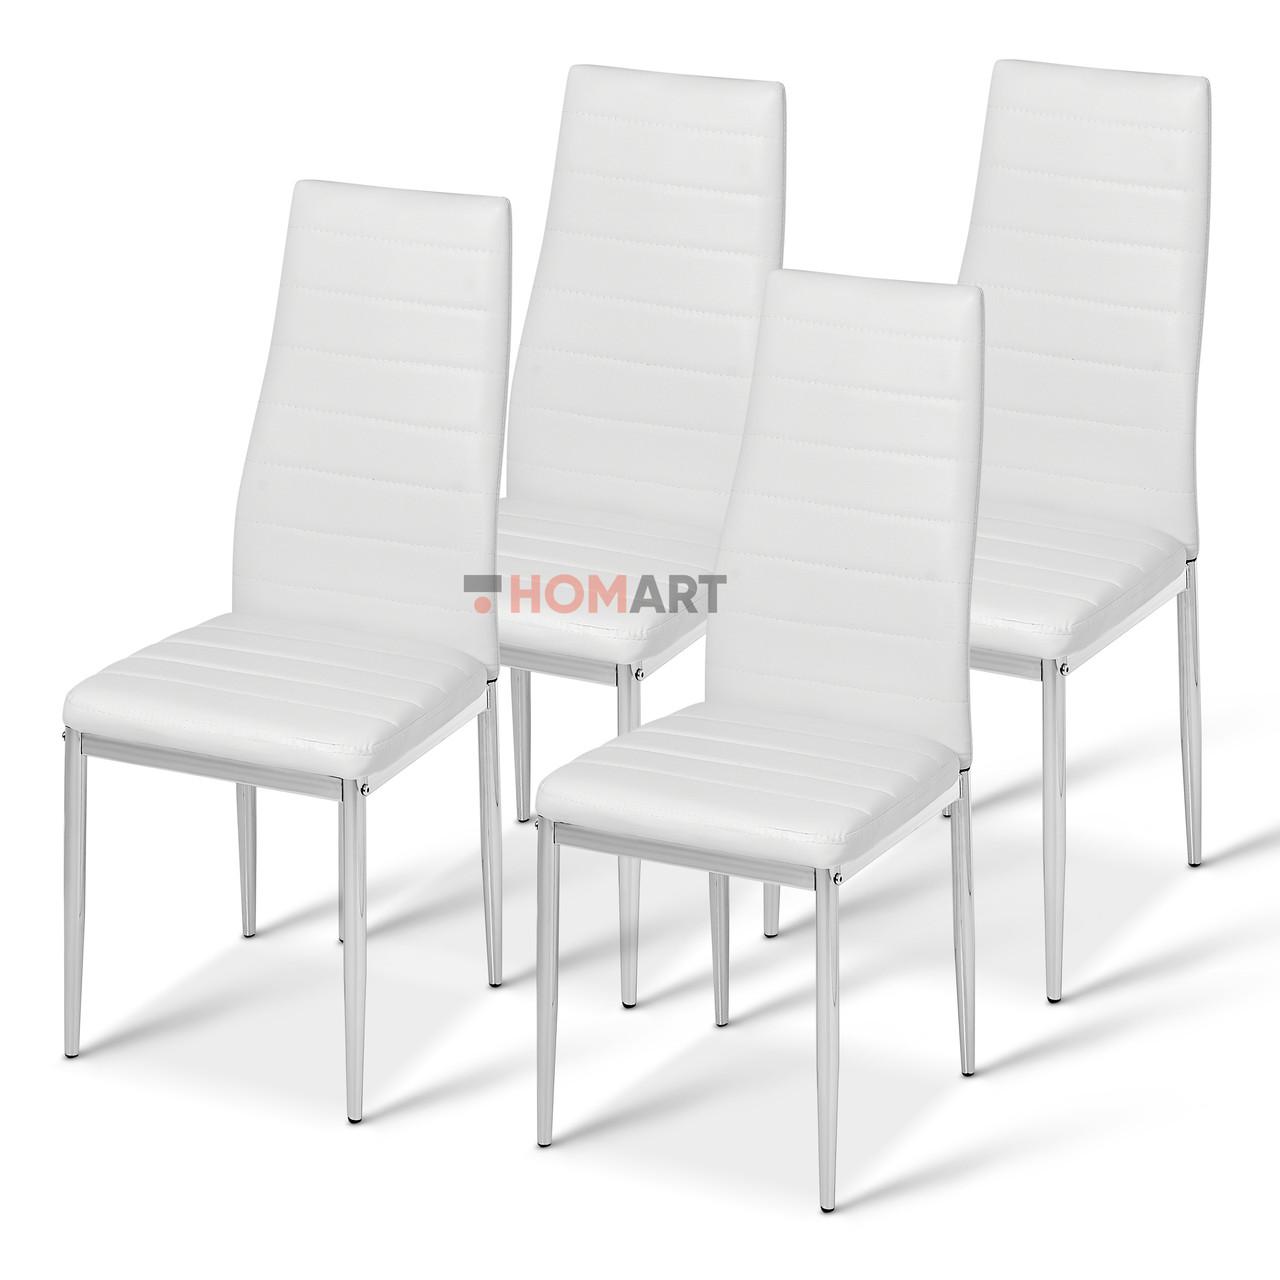 Стільці кухонні набір 4 шт Homart LCM-004WS білий (9381)